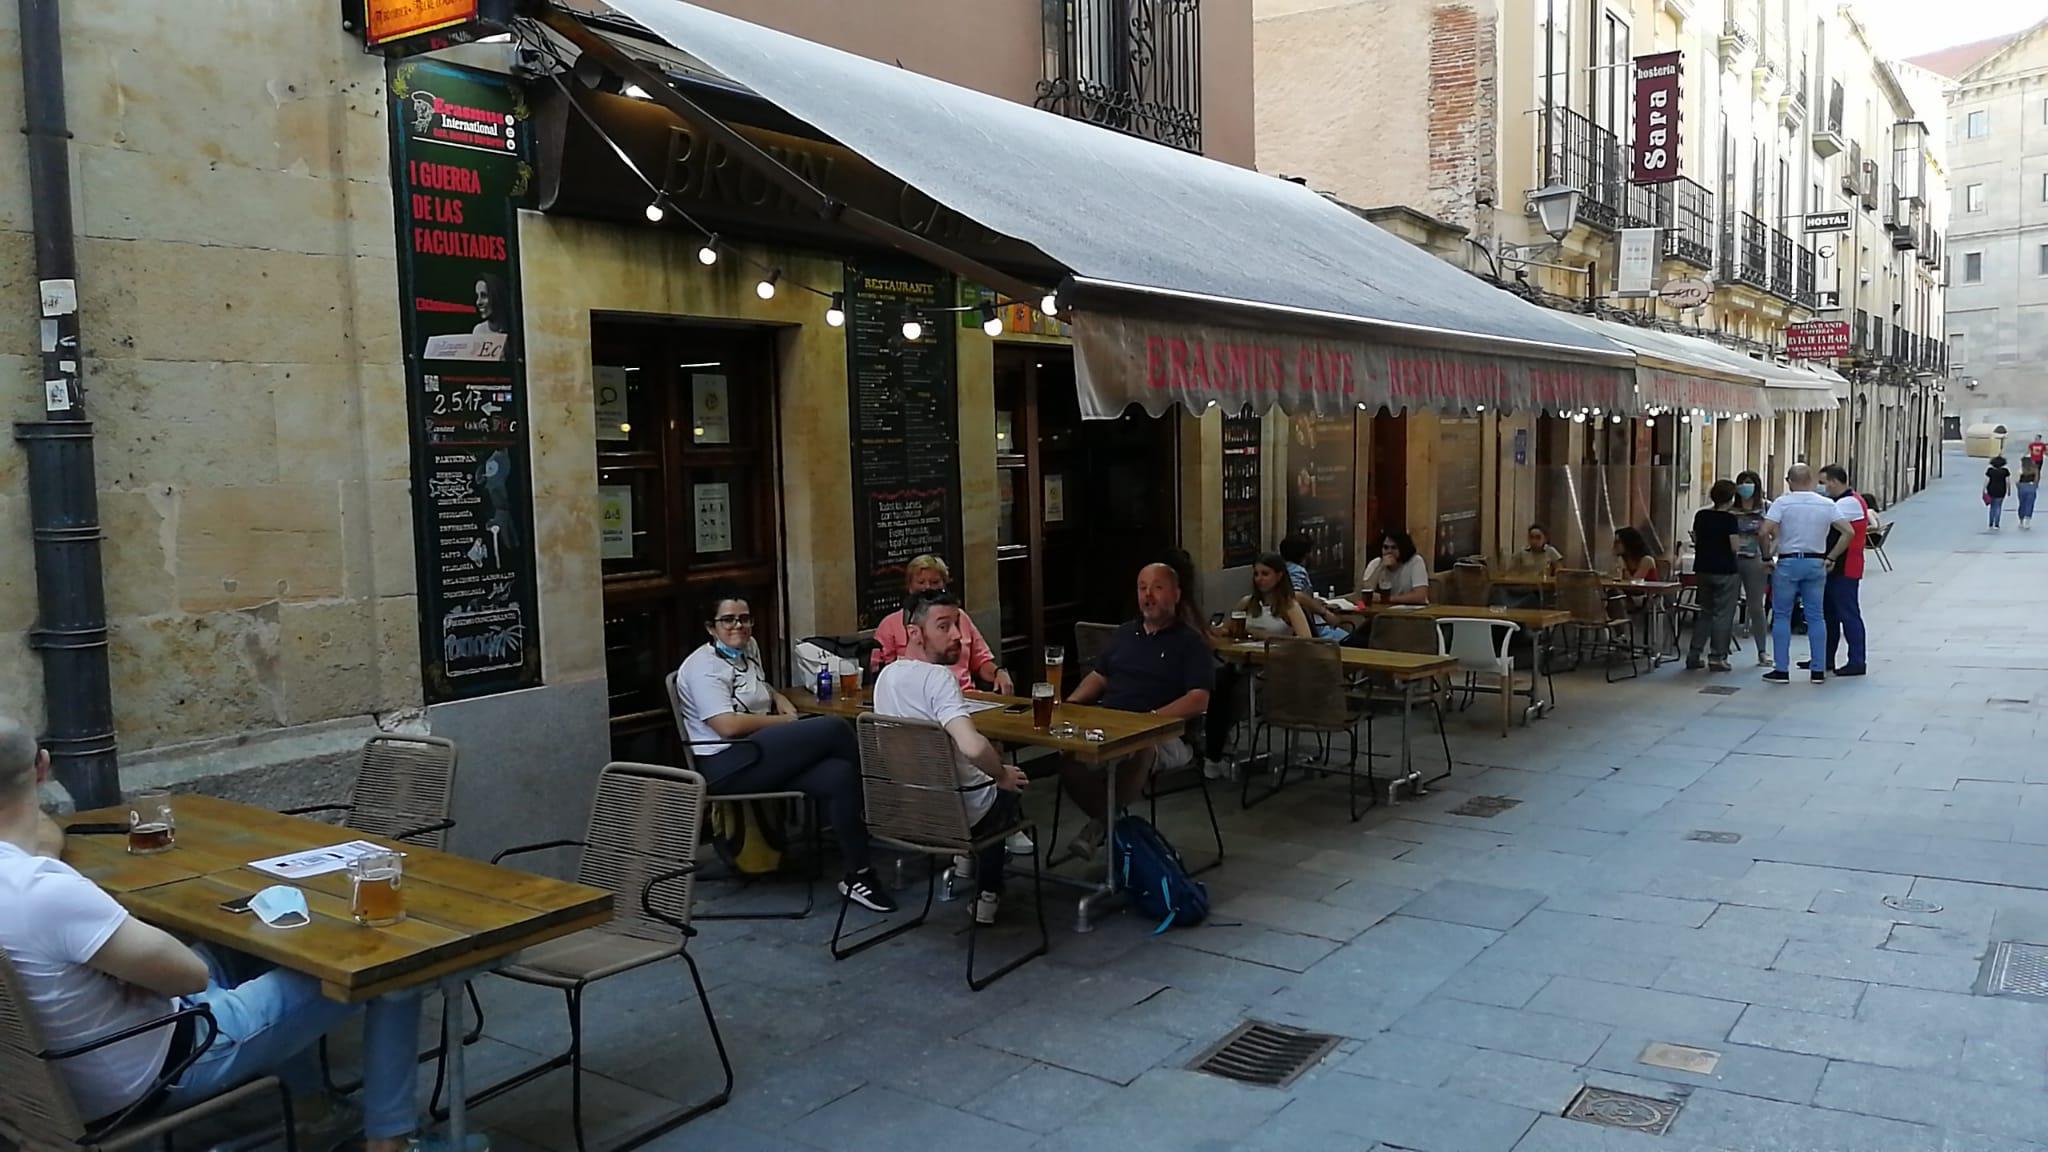 Terraza del Erasmus ubicada en la calle Meléndez.